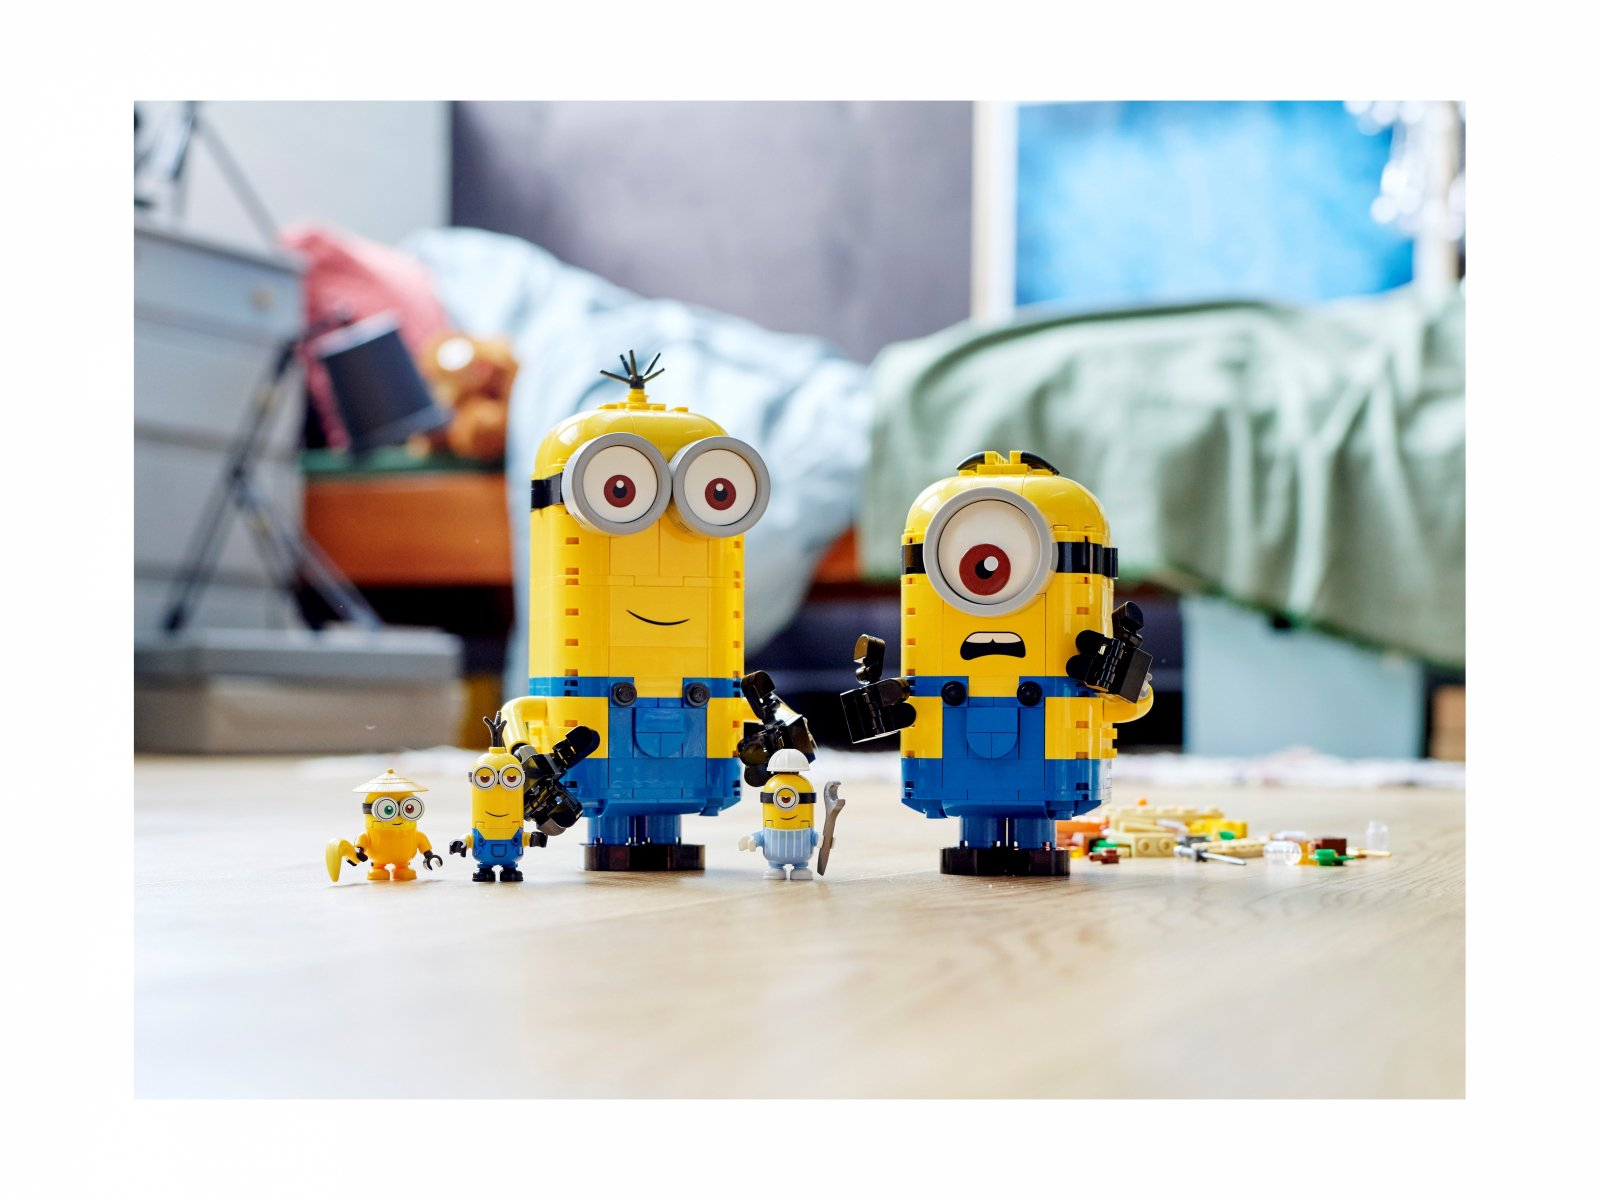 LEGO Minions 75551 Minionki z klocków i ich gniazdo